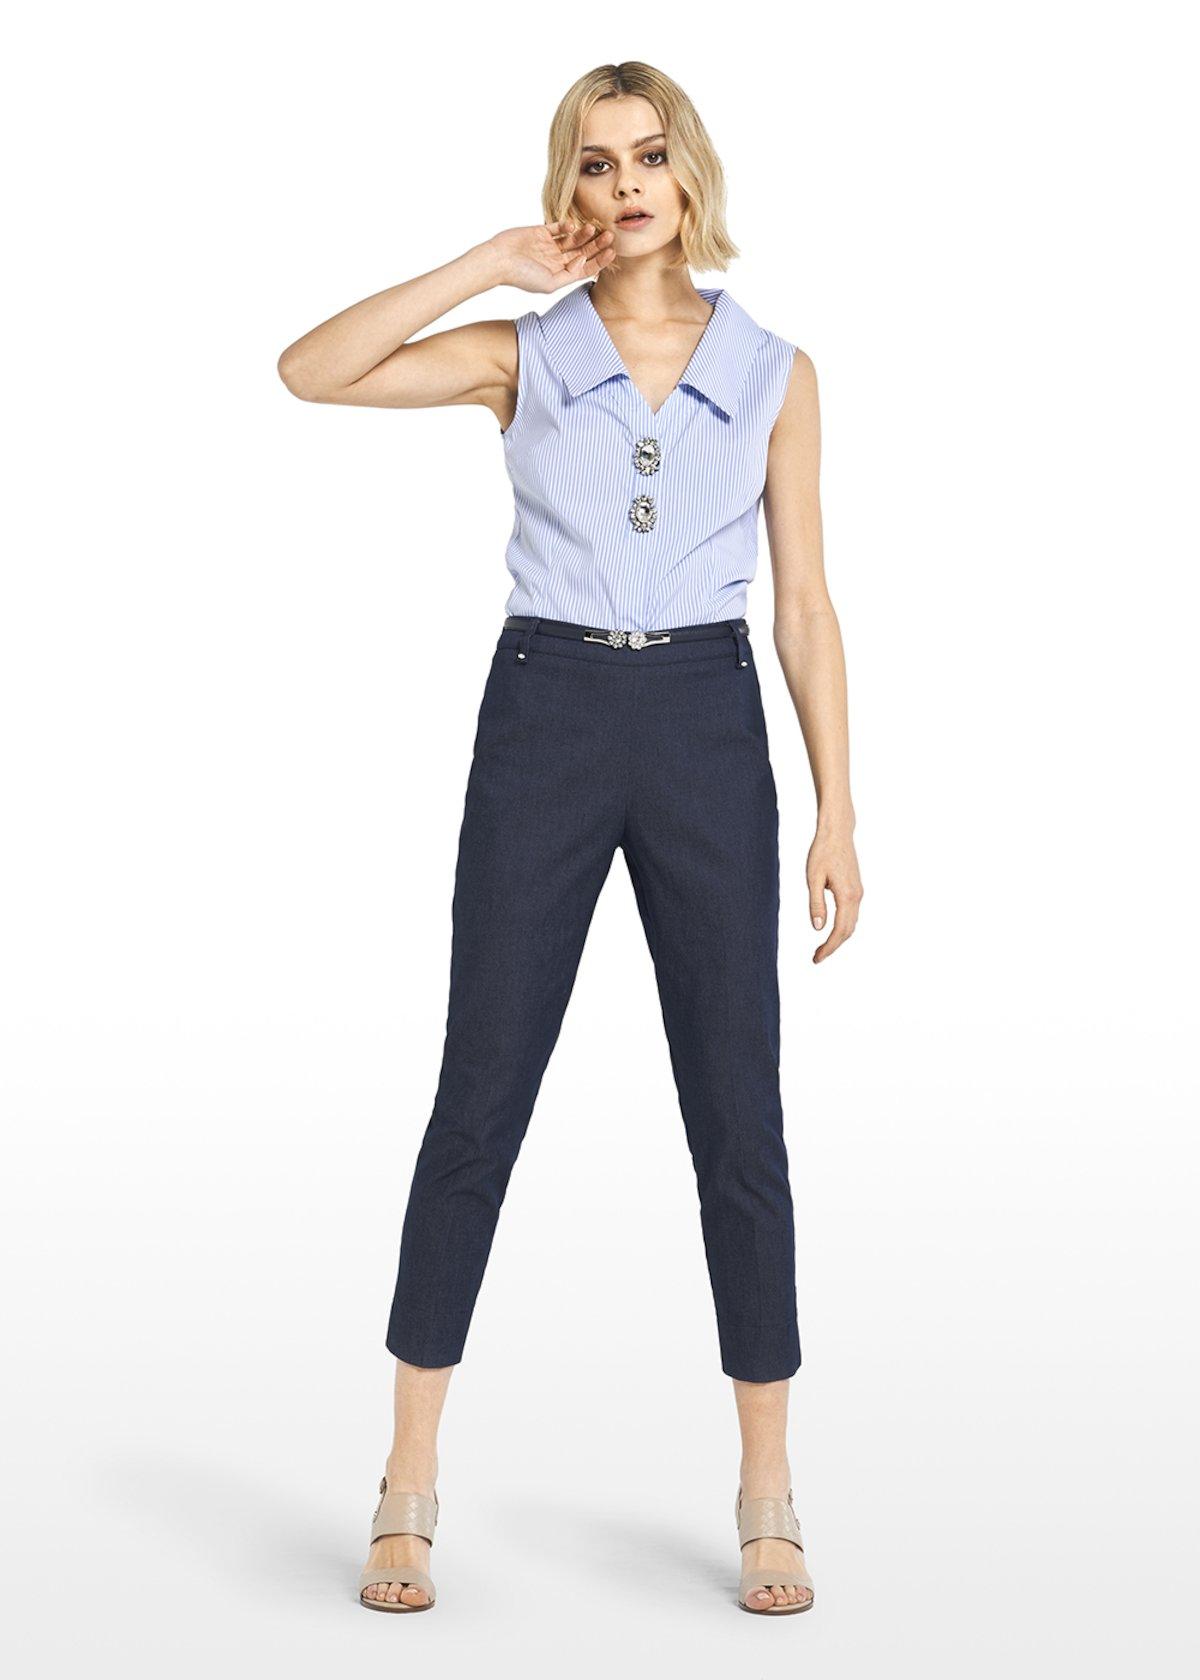 Camicia Clorinda con bottoni gioiello - White / Blue Stripes - Donna - Immagine categoria